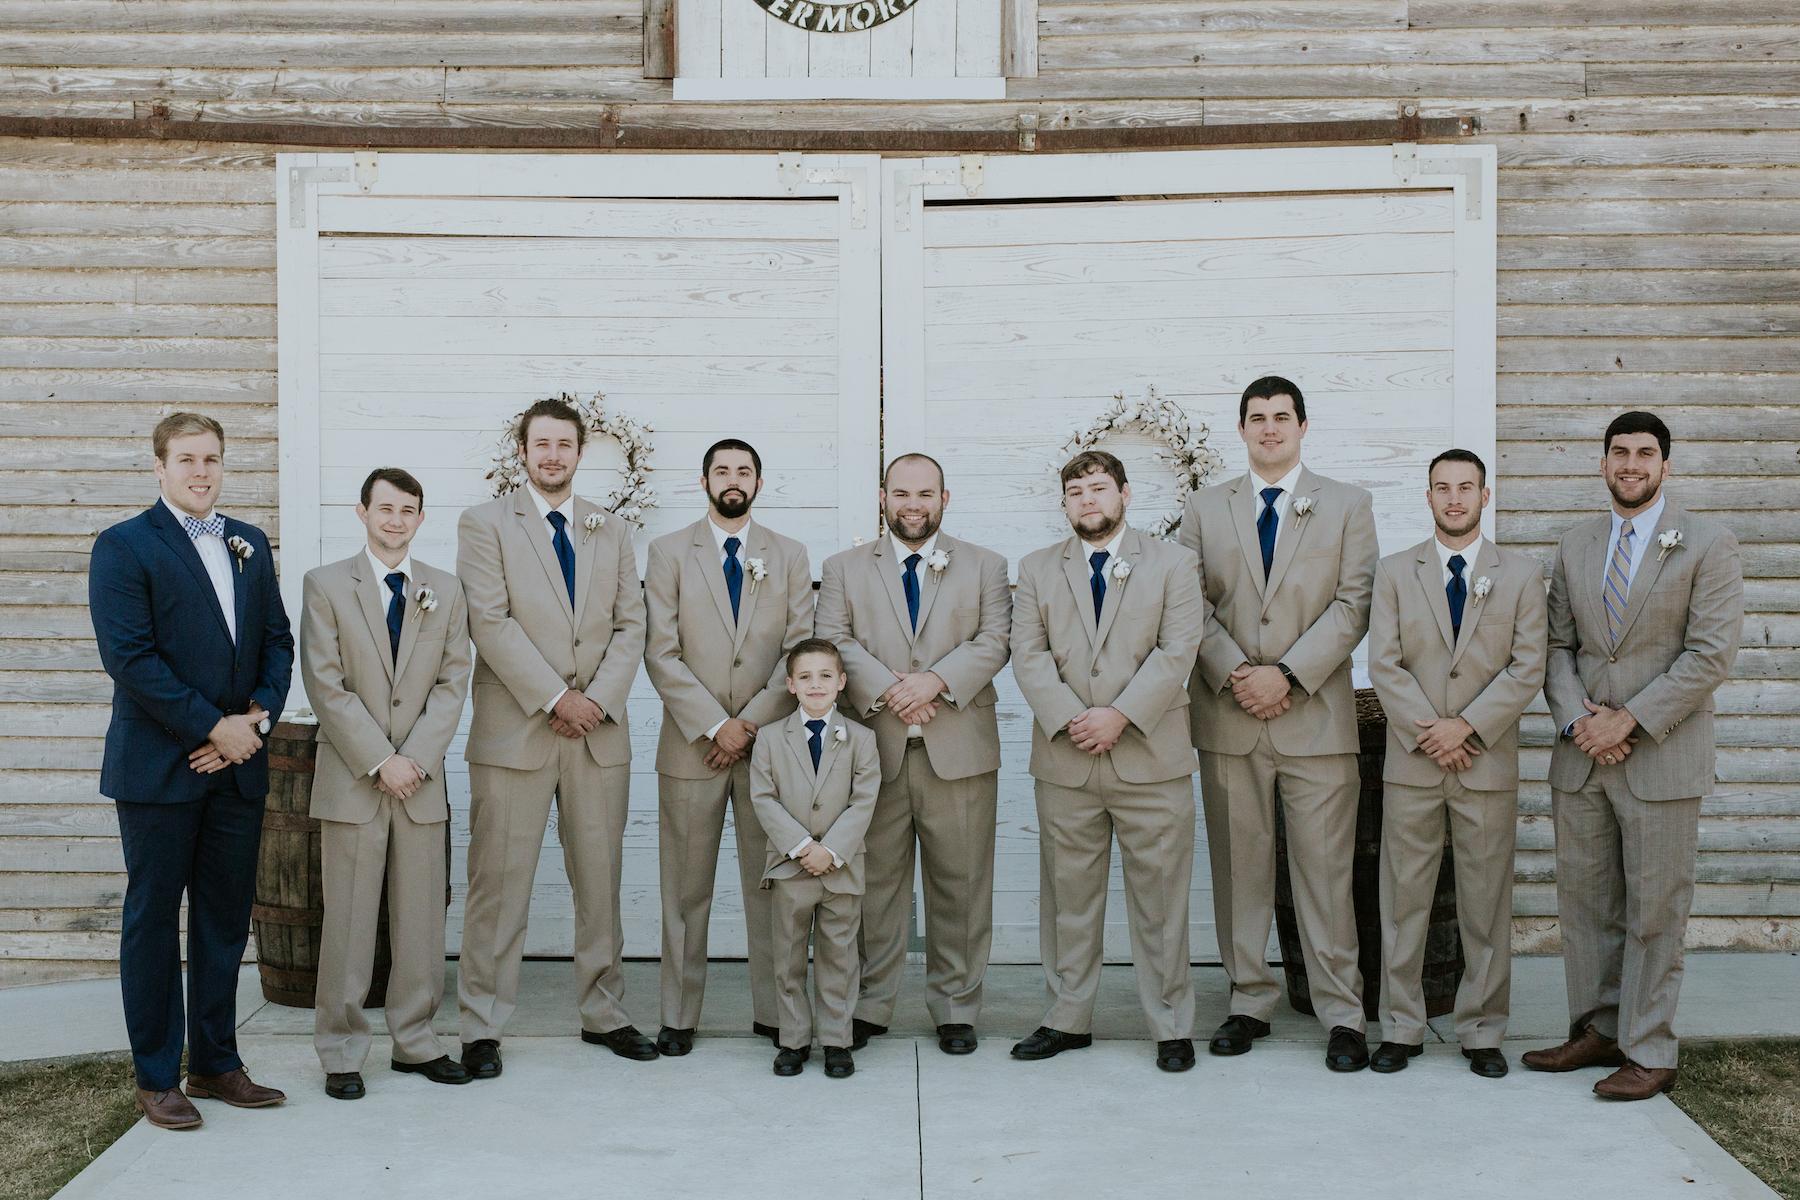 barn-forevermore-farm-moore-sc-wedding-023.JPG